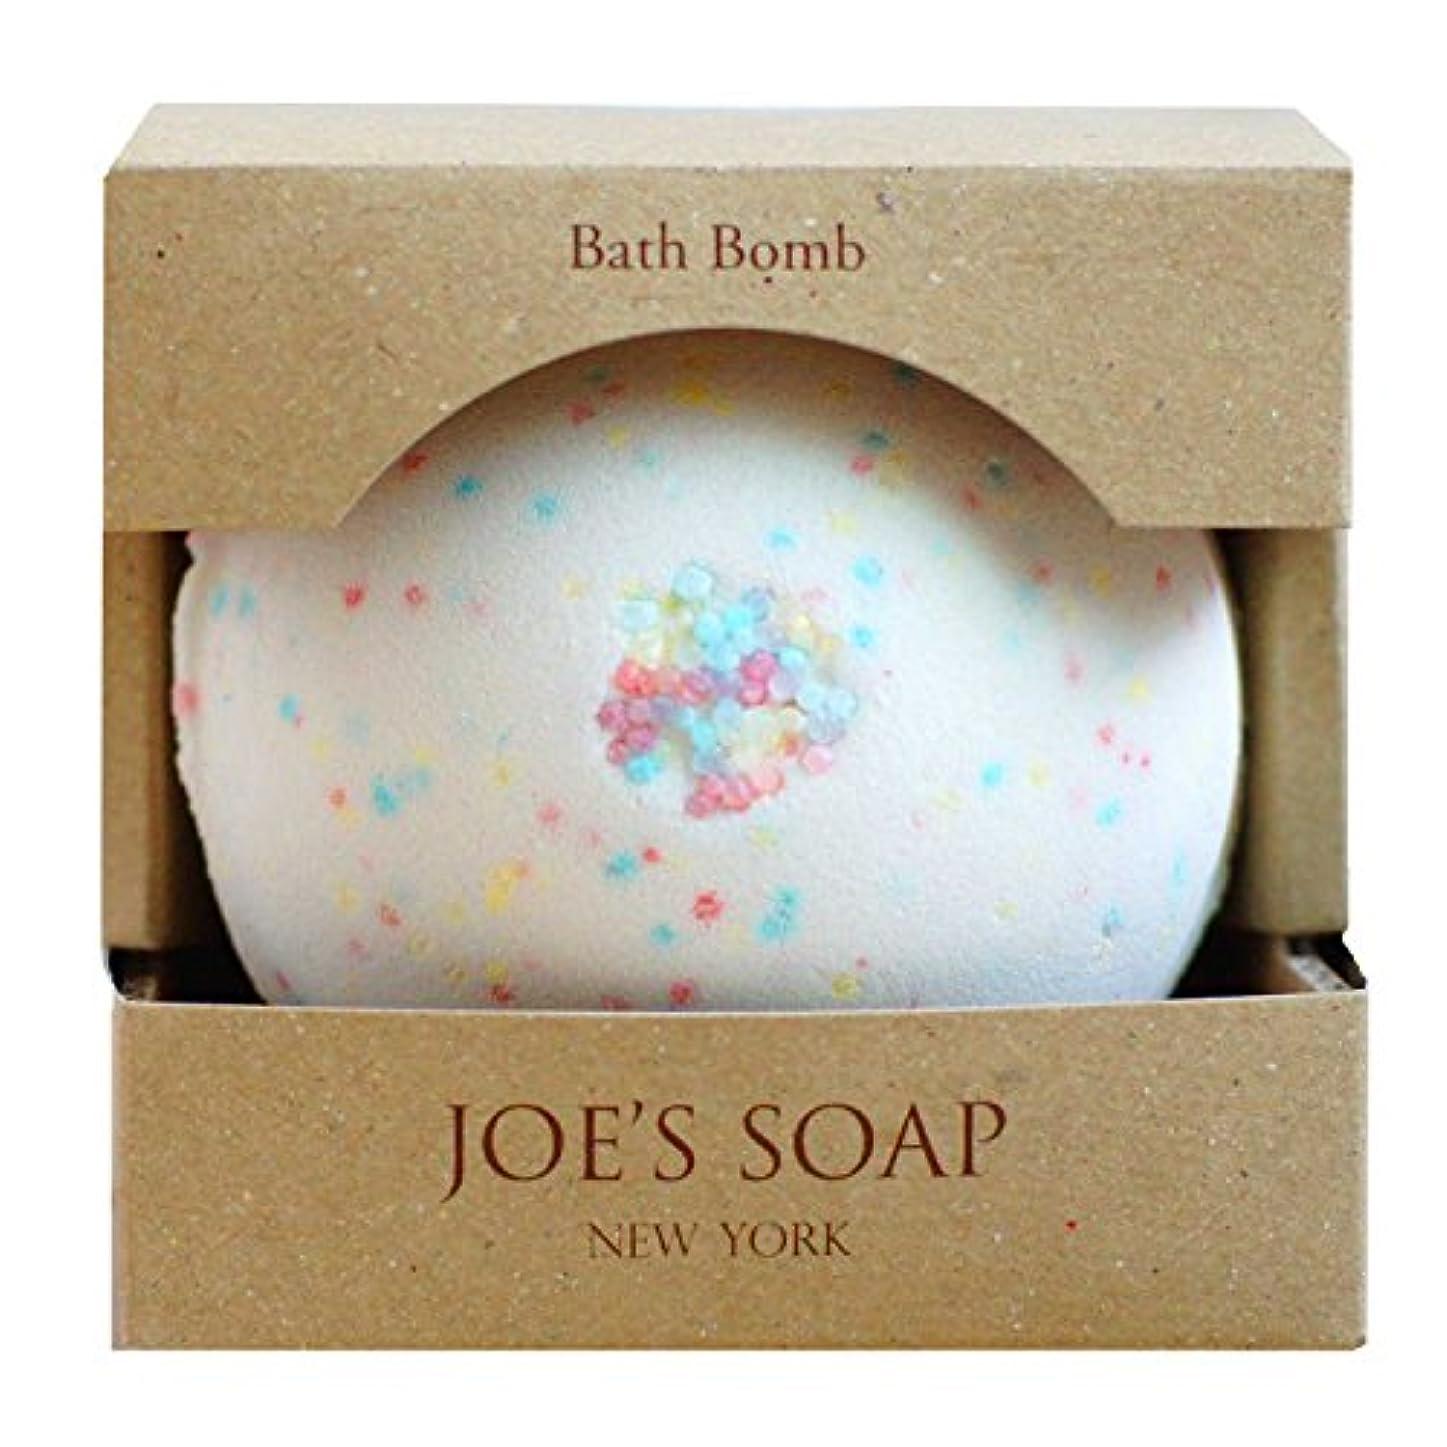 不安蓋ほんのJOE'S SOAP (ジョーズソープ) バスボム(BEAUTY) バスボール 入浴剤 保湿 ボディケア スキンケア オリーブオイル はちみつ フト プレゼント